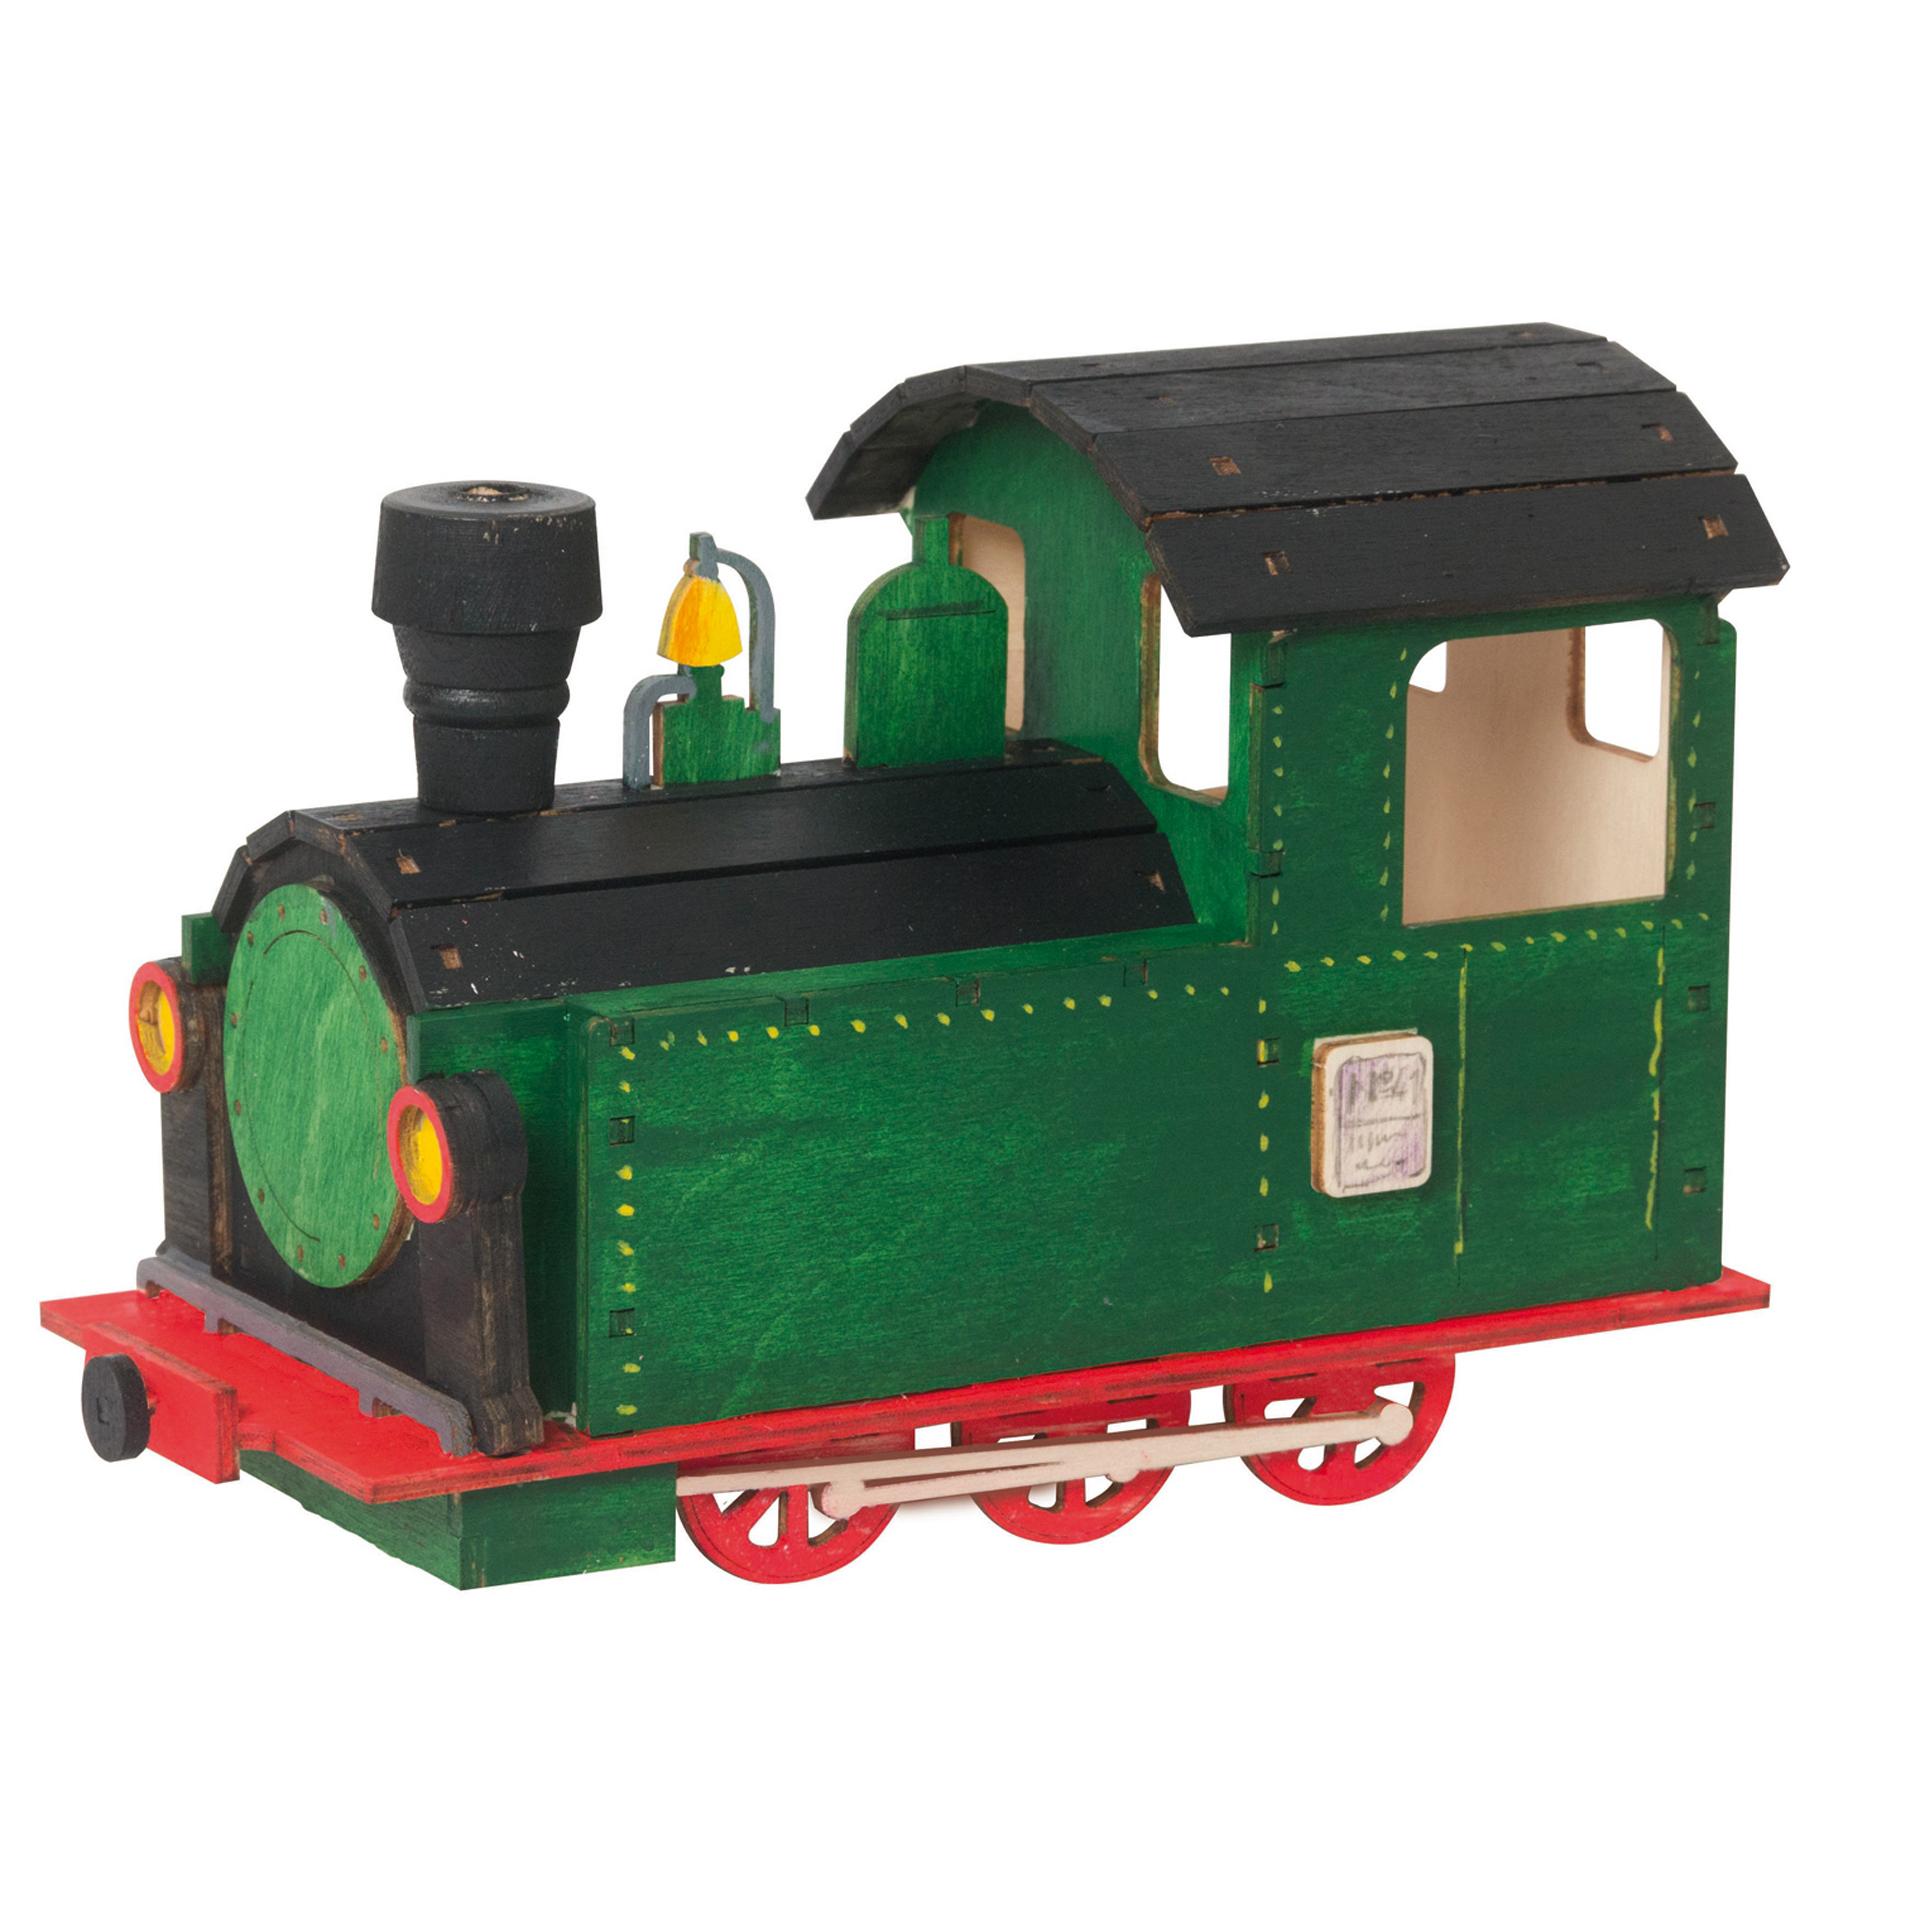 Bastelset Rauchfigur Lokomotive